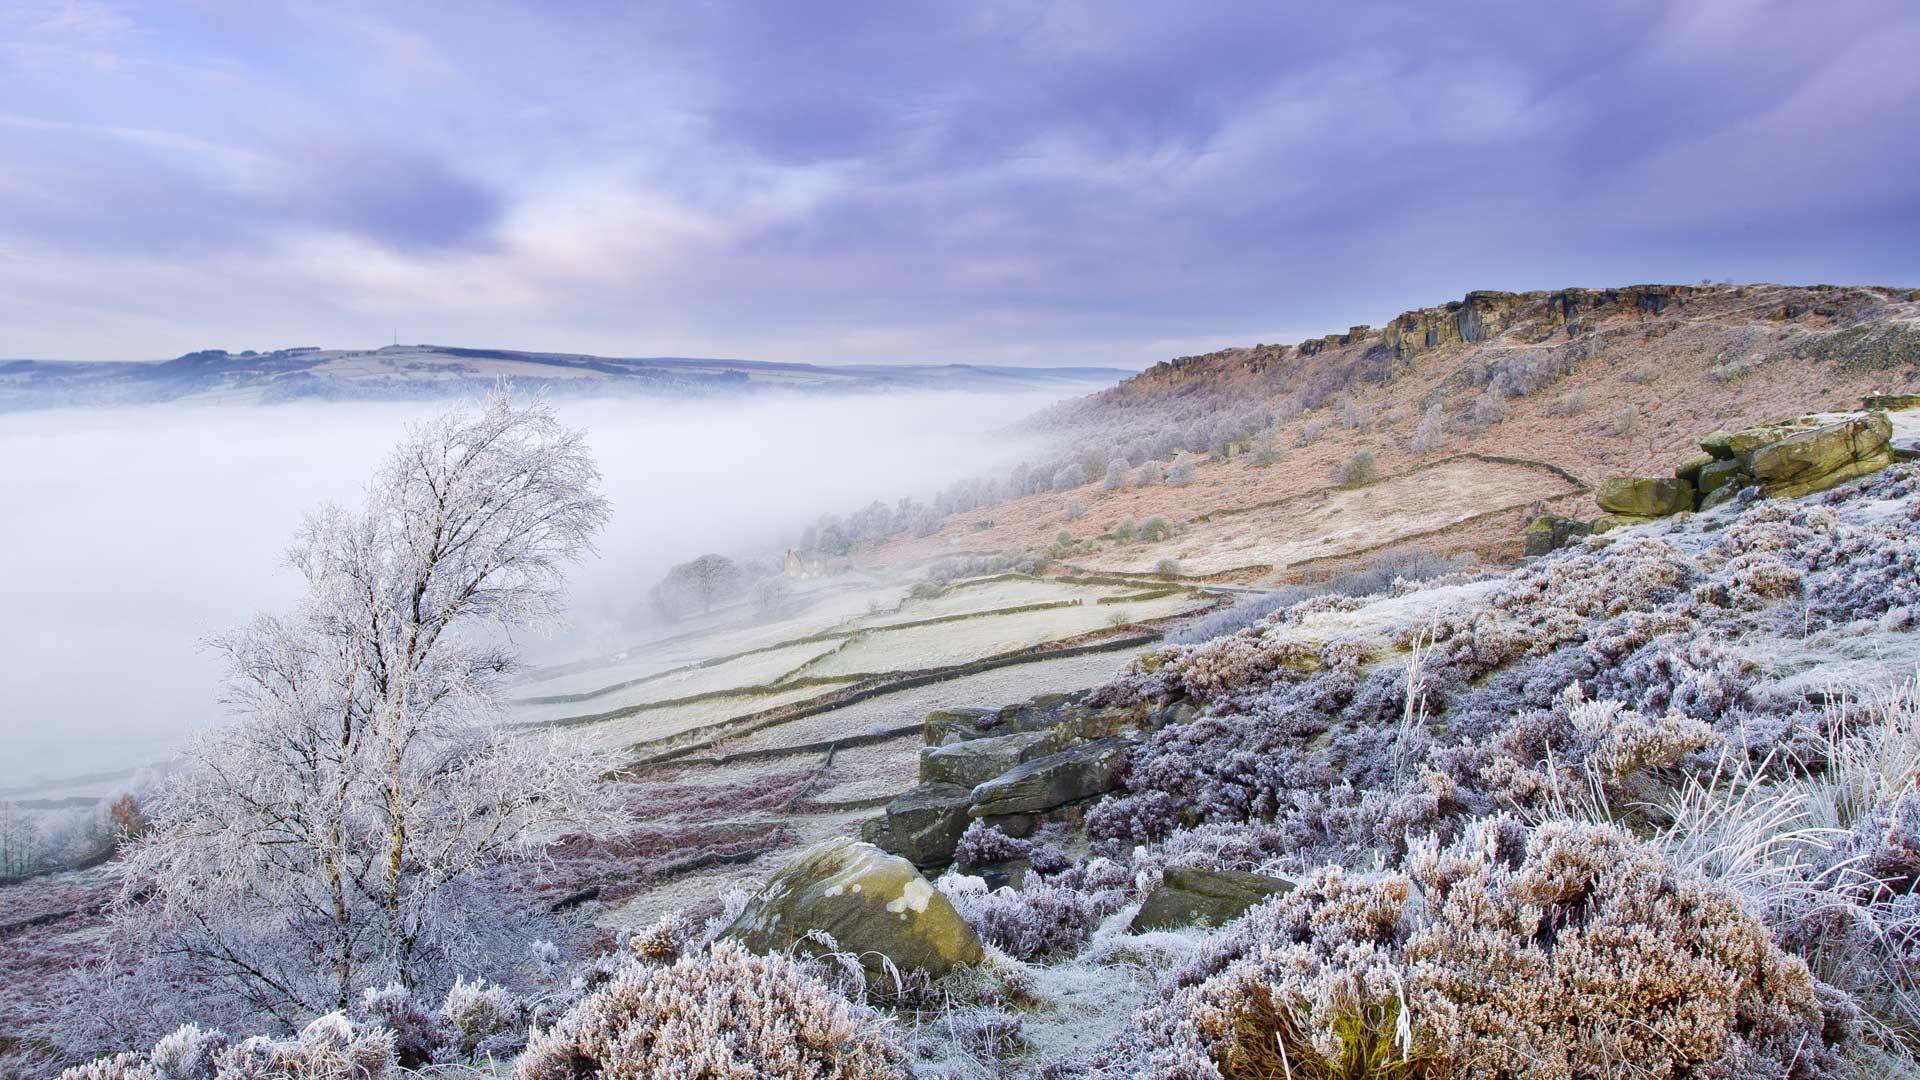 Ảnh nền thiên nhiên mùa đông đẹp